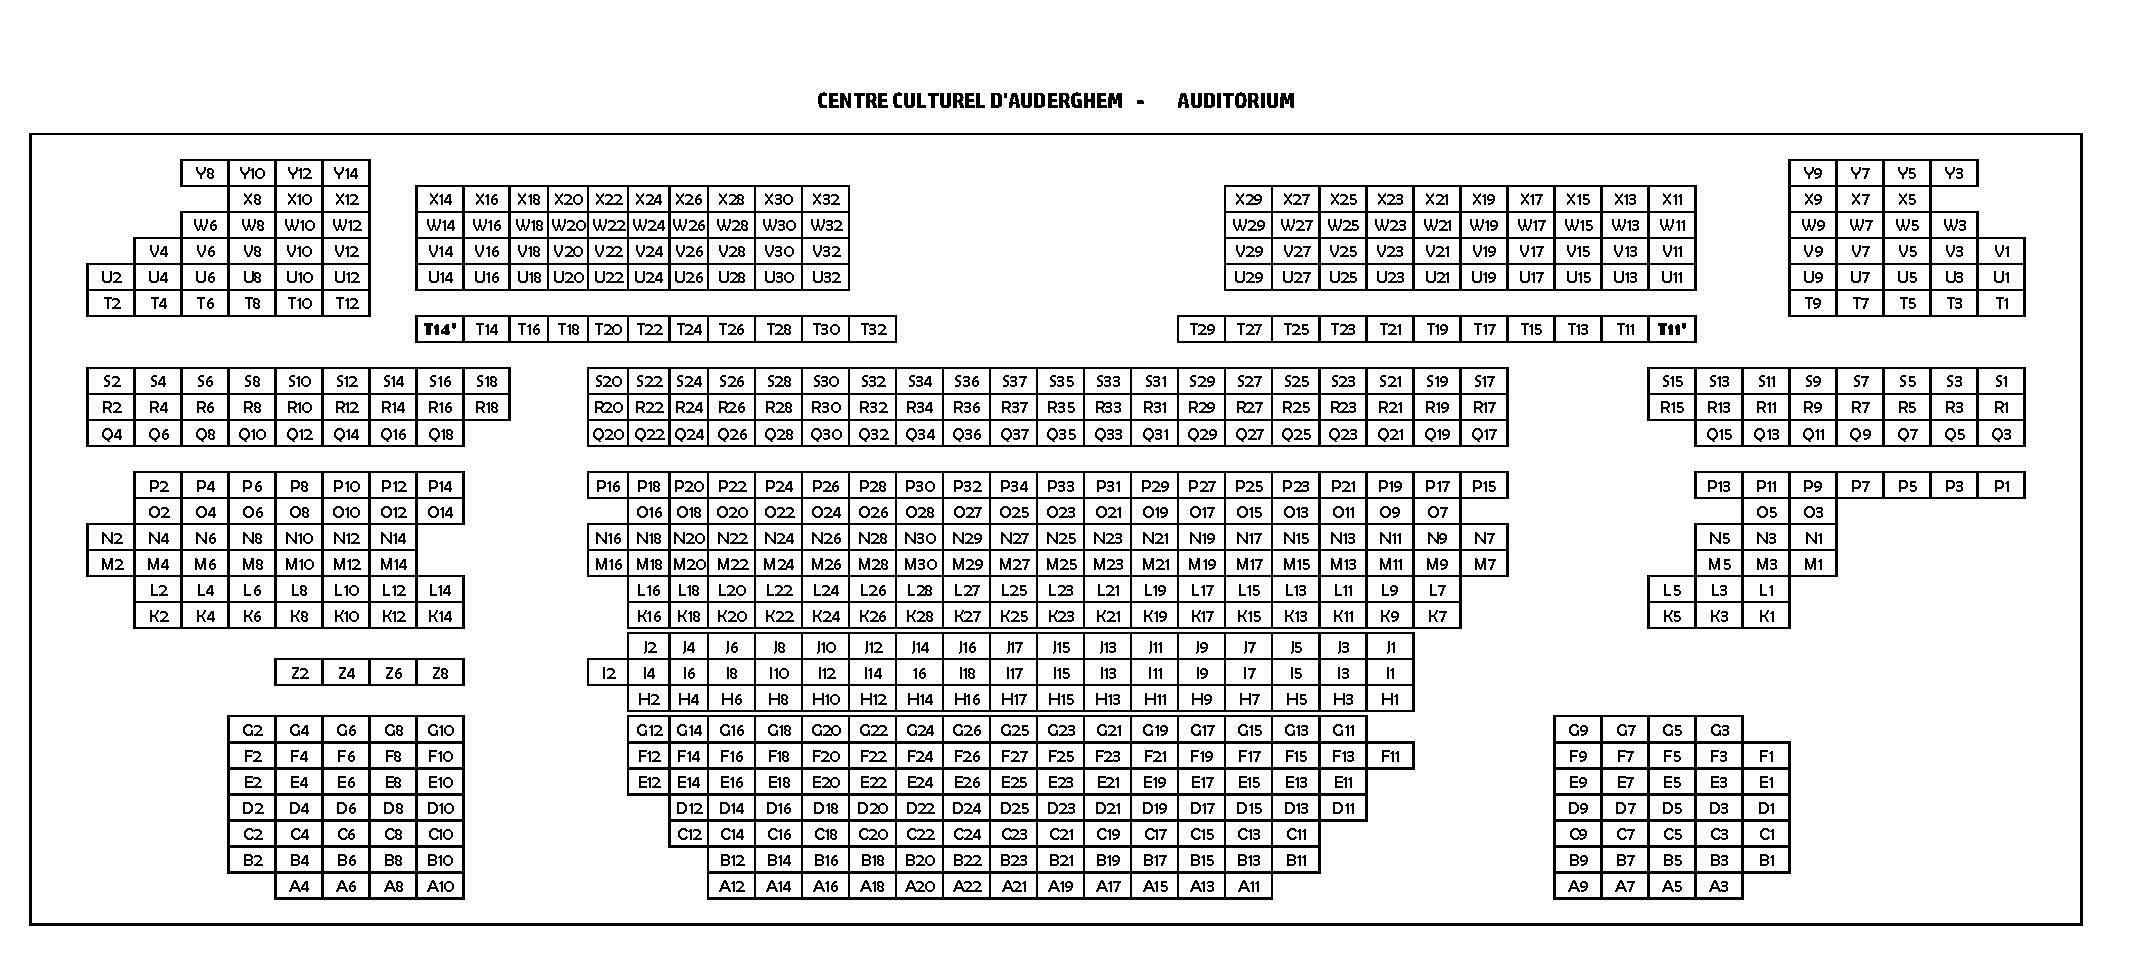 Plan de la salle du Centre Culturel d'Auderghem. Cliquez sur l'image pour visualiser (ou imprimer) le fichier pdf.